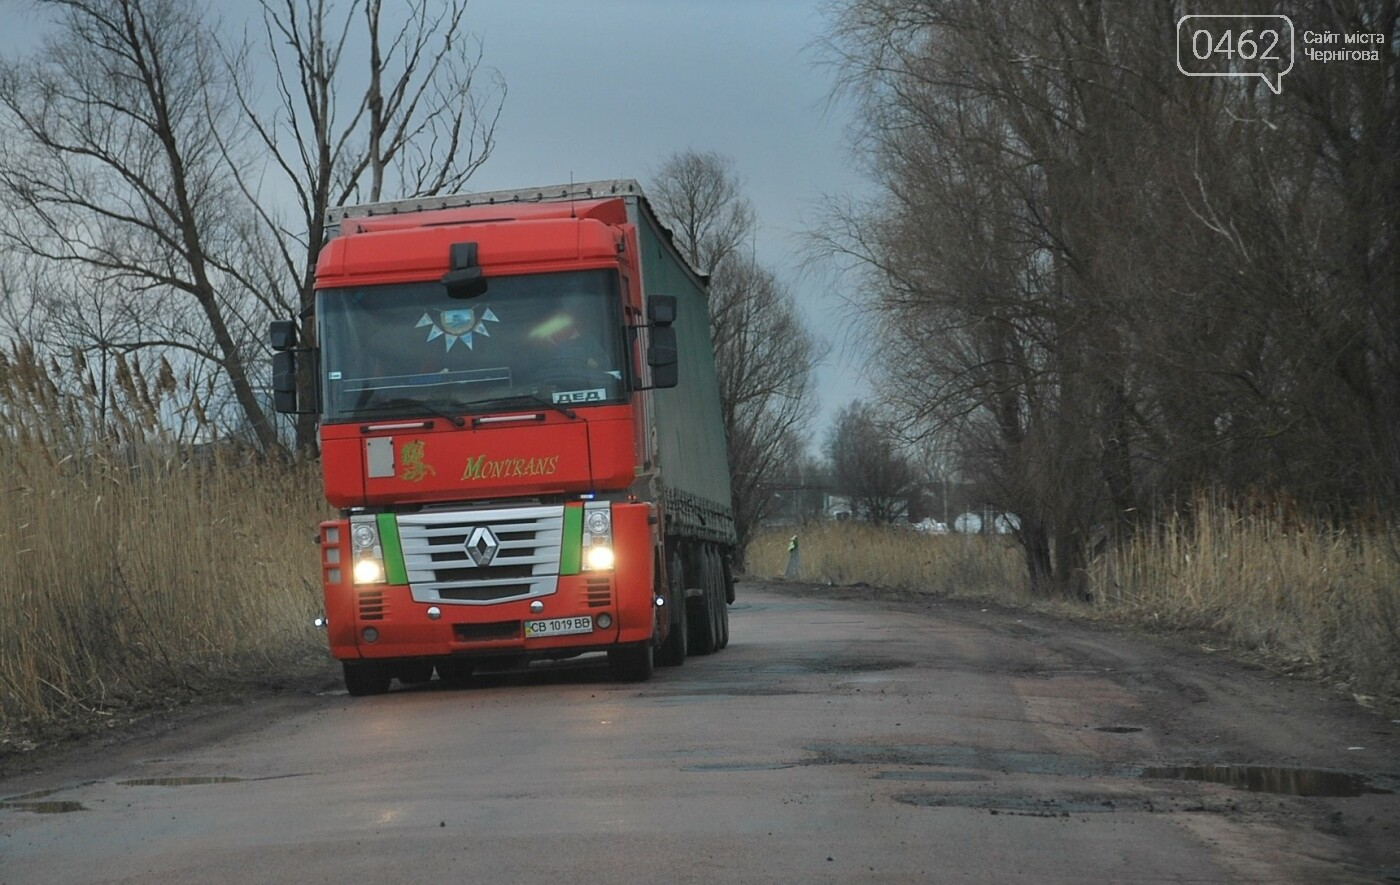 Фуры разрушают дорогу в Черниговской области. С ними будут бороться габаритными рамками, фото-4